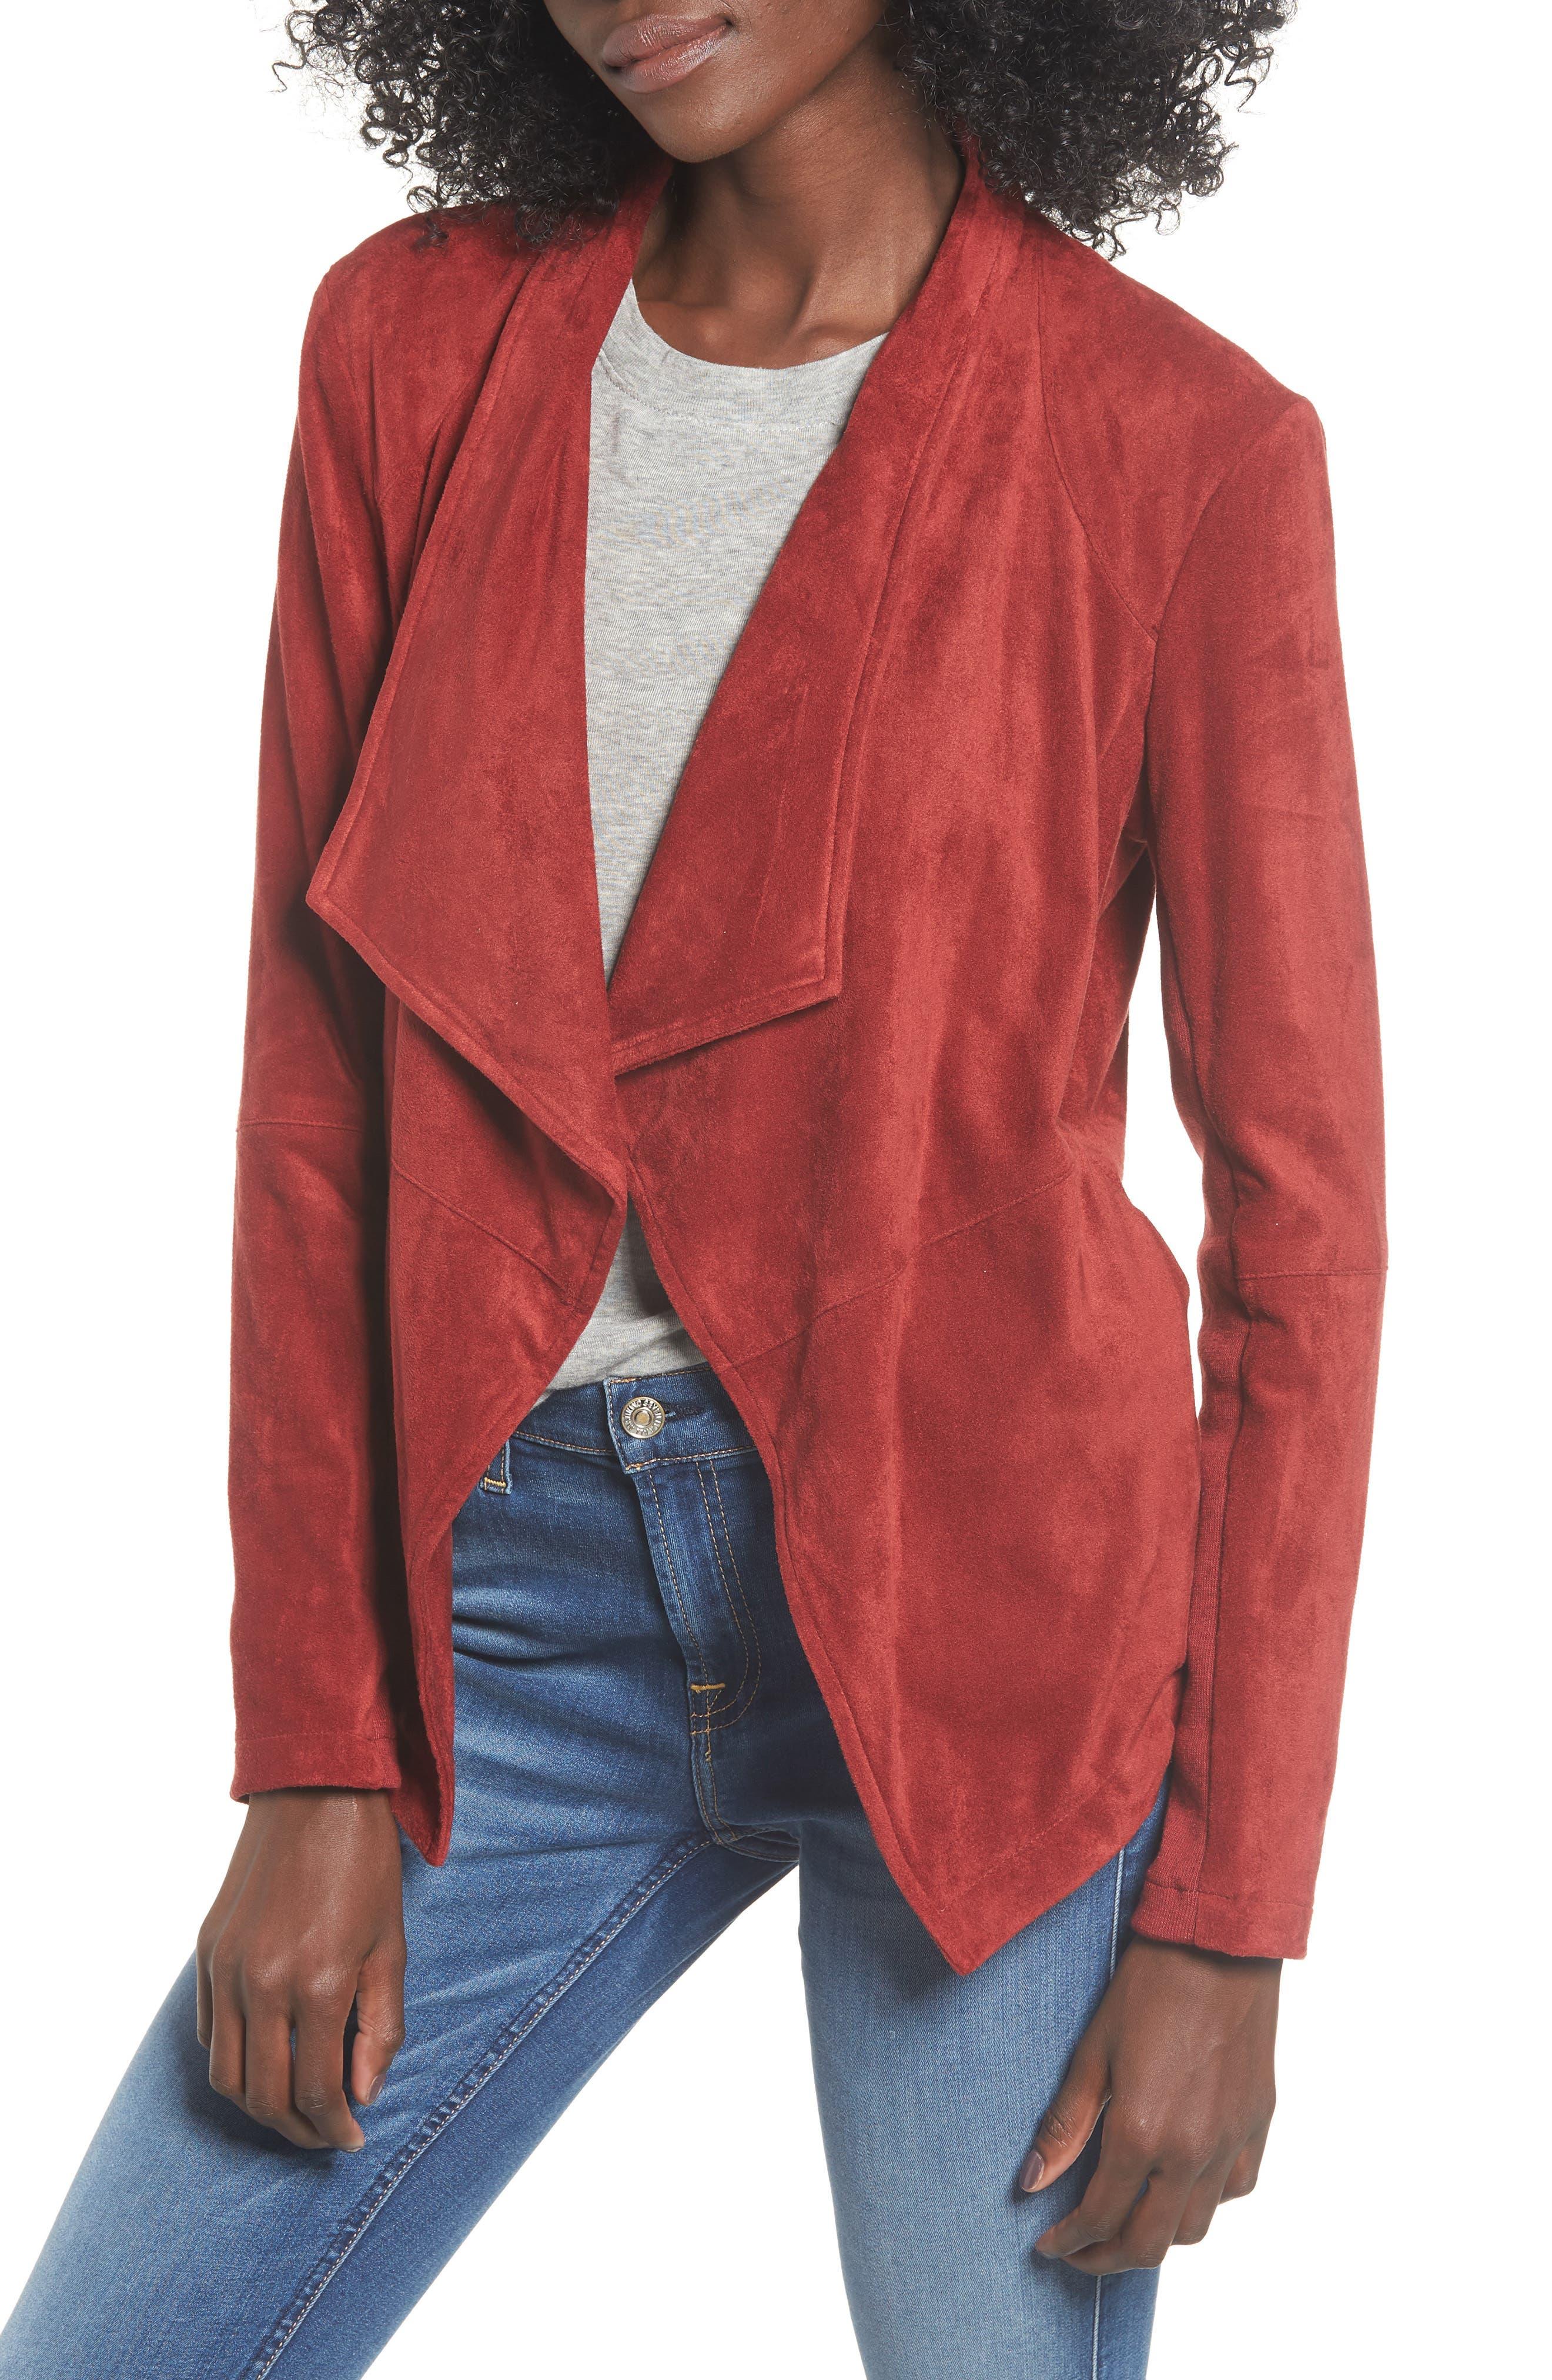 BB DAKOTA Nicholson Faux Suede Drape Front Jacket, Main, color, BRICK RED